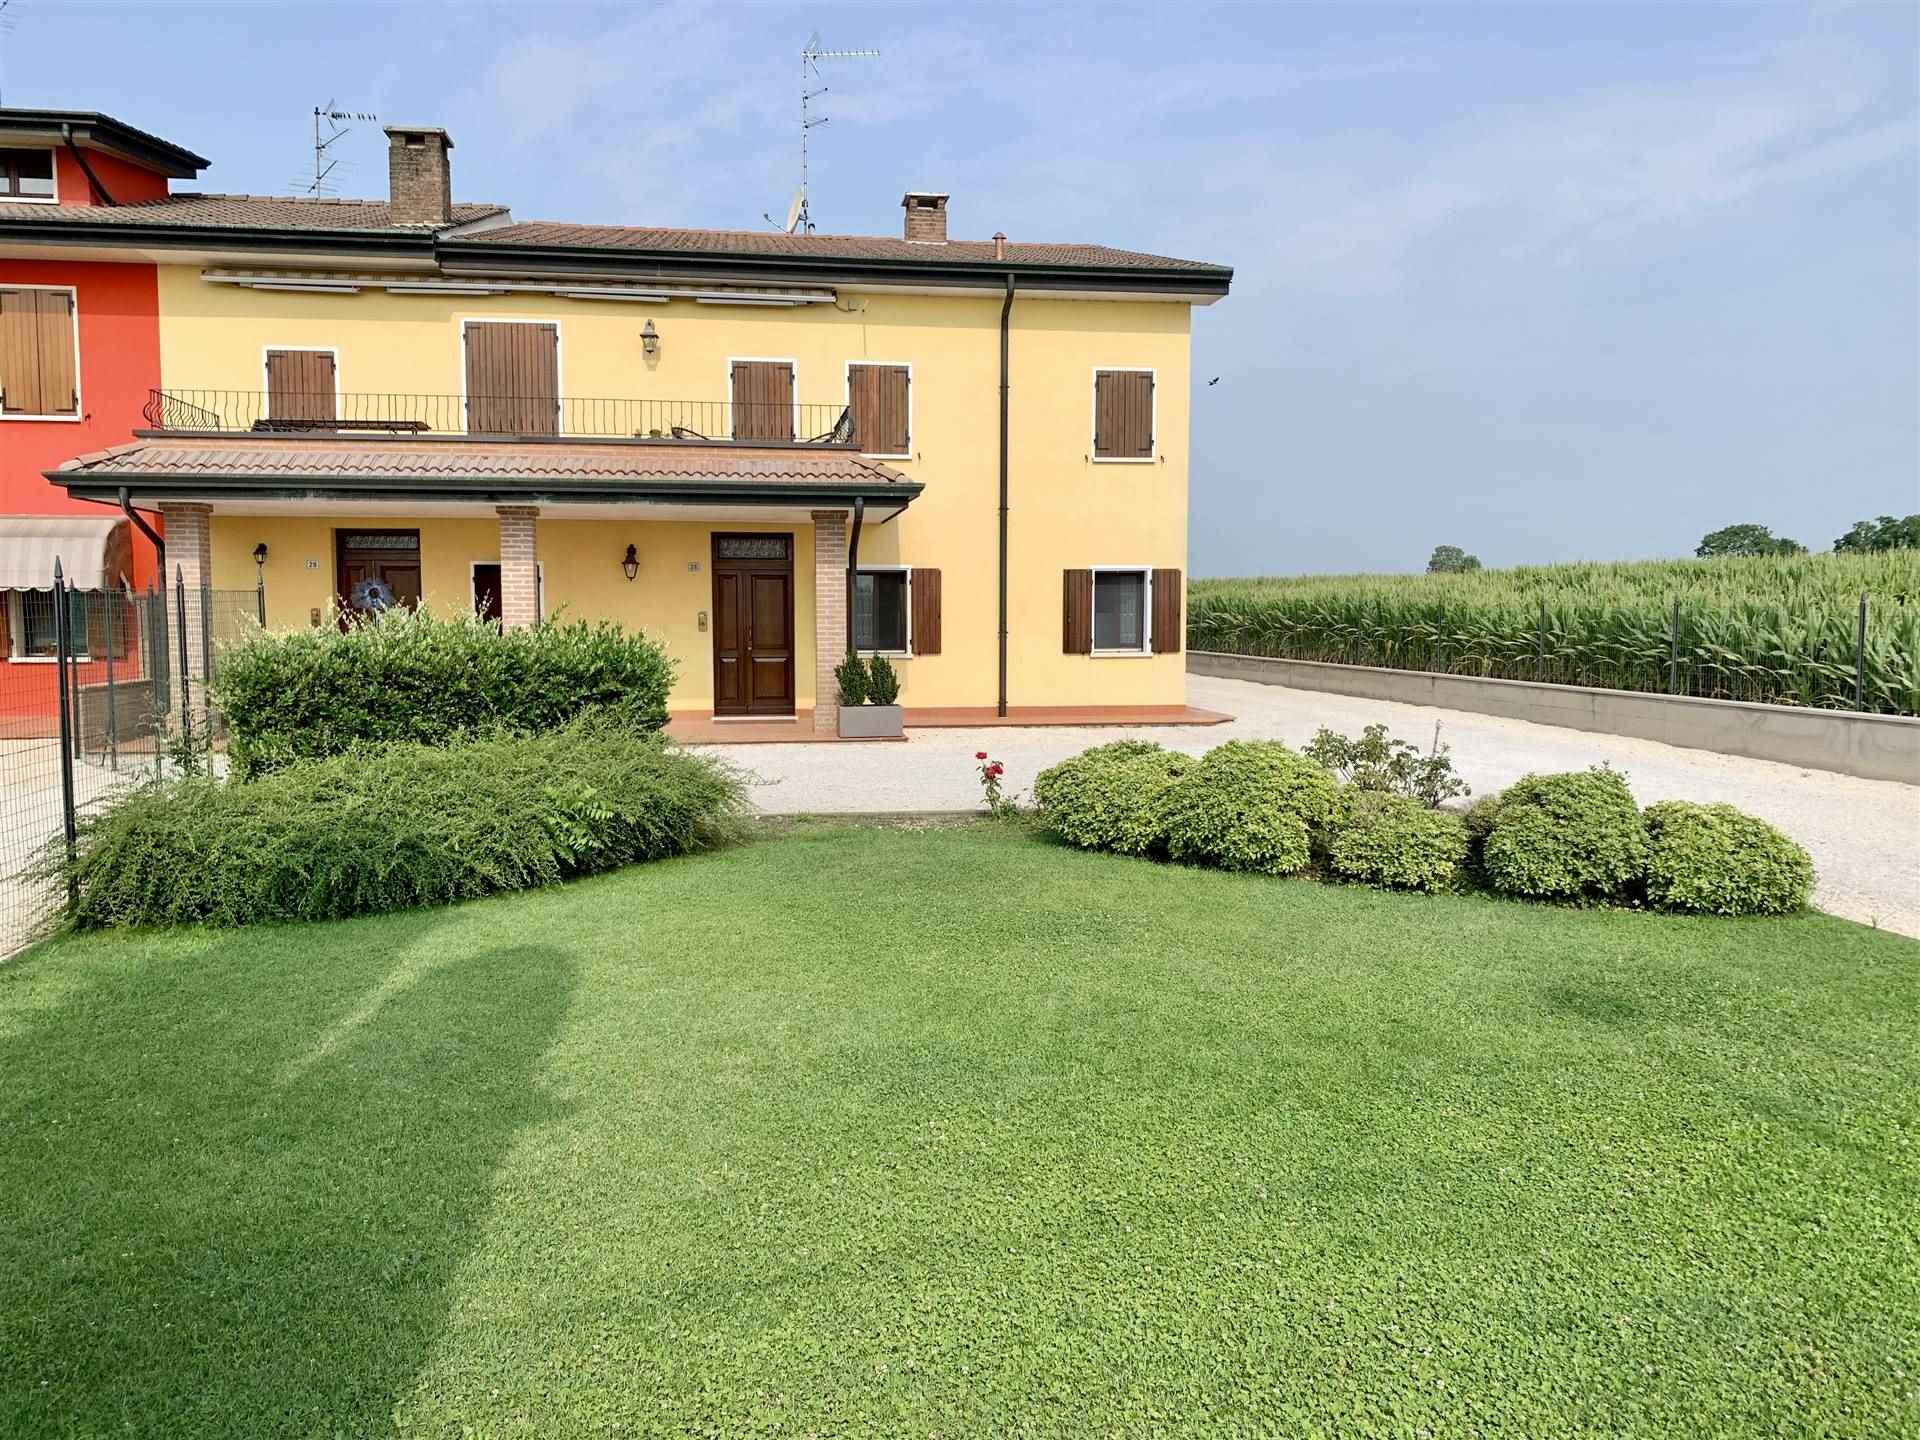 Appartamento in affitto a Borgo Virgilio, 3 locali, zona Località: FRAZIONI: CAPPELLETTA, prezzo € 500 | CambioCasa.it